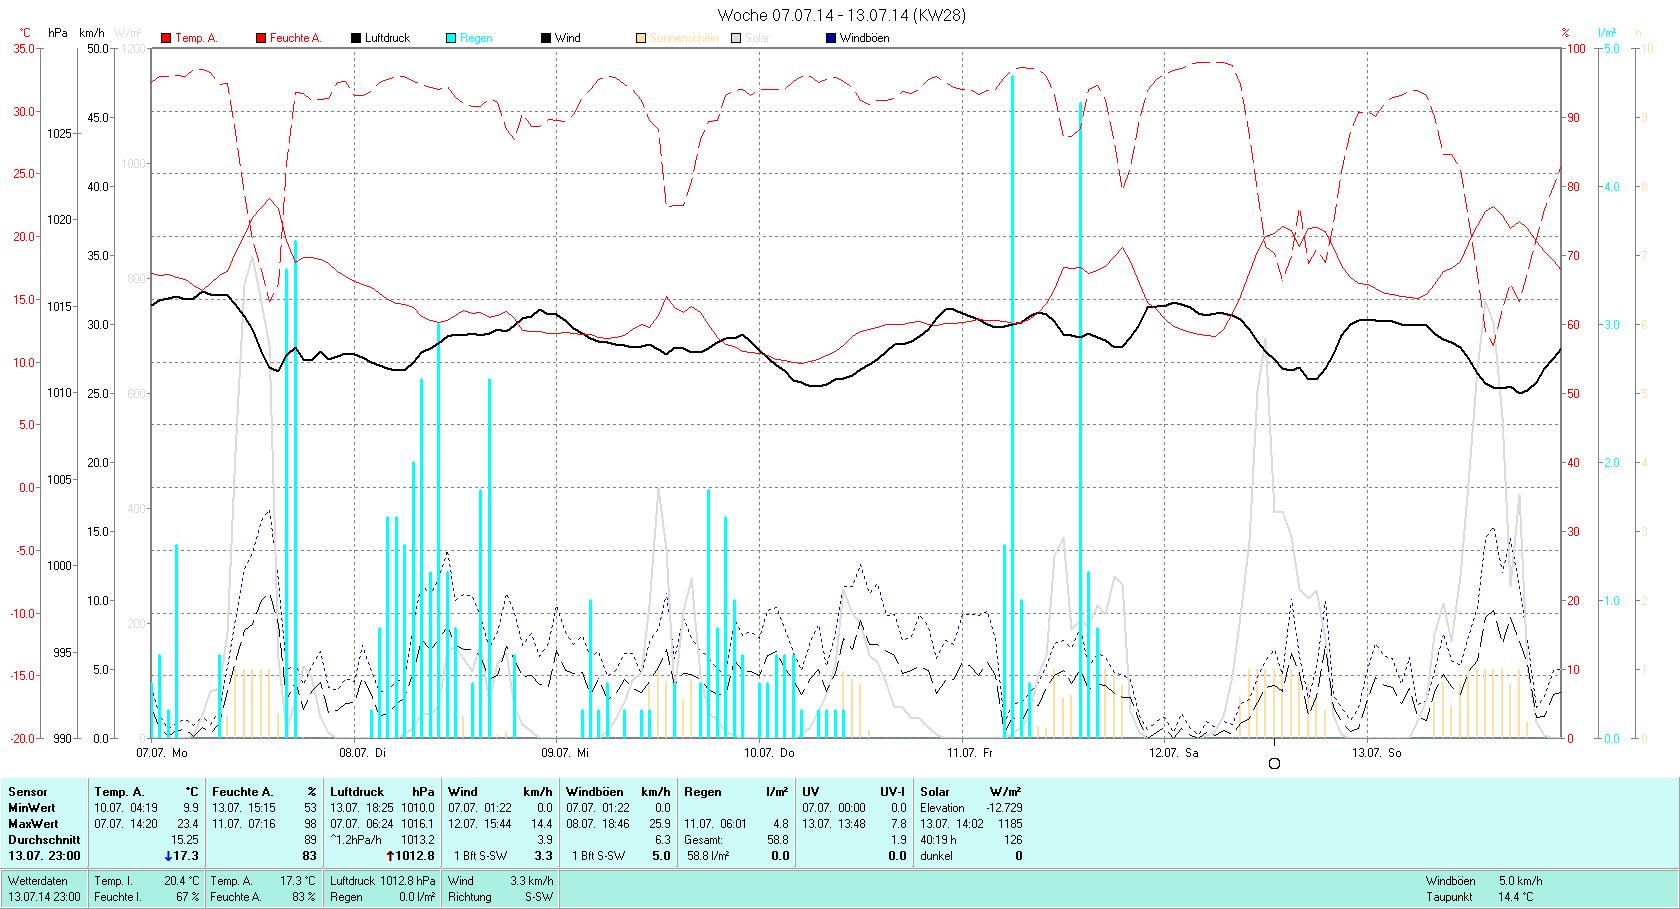 KW 28 Tmin  9.9°C, Tmax 23.4°C, Sonne 40:19h, Niederschlag 58.6mm/2